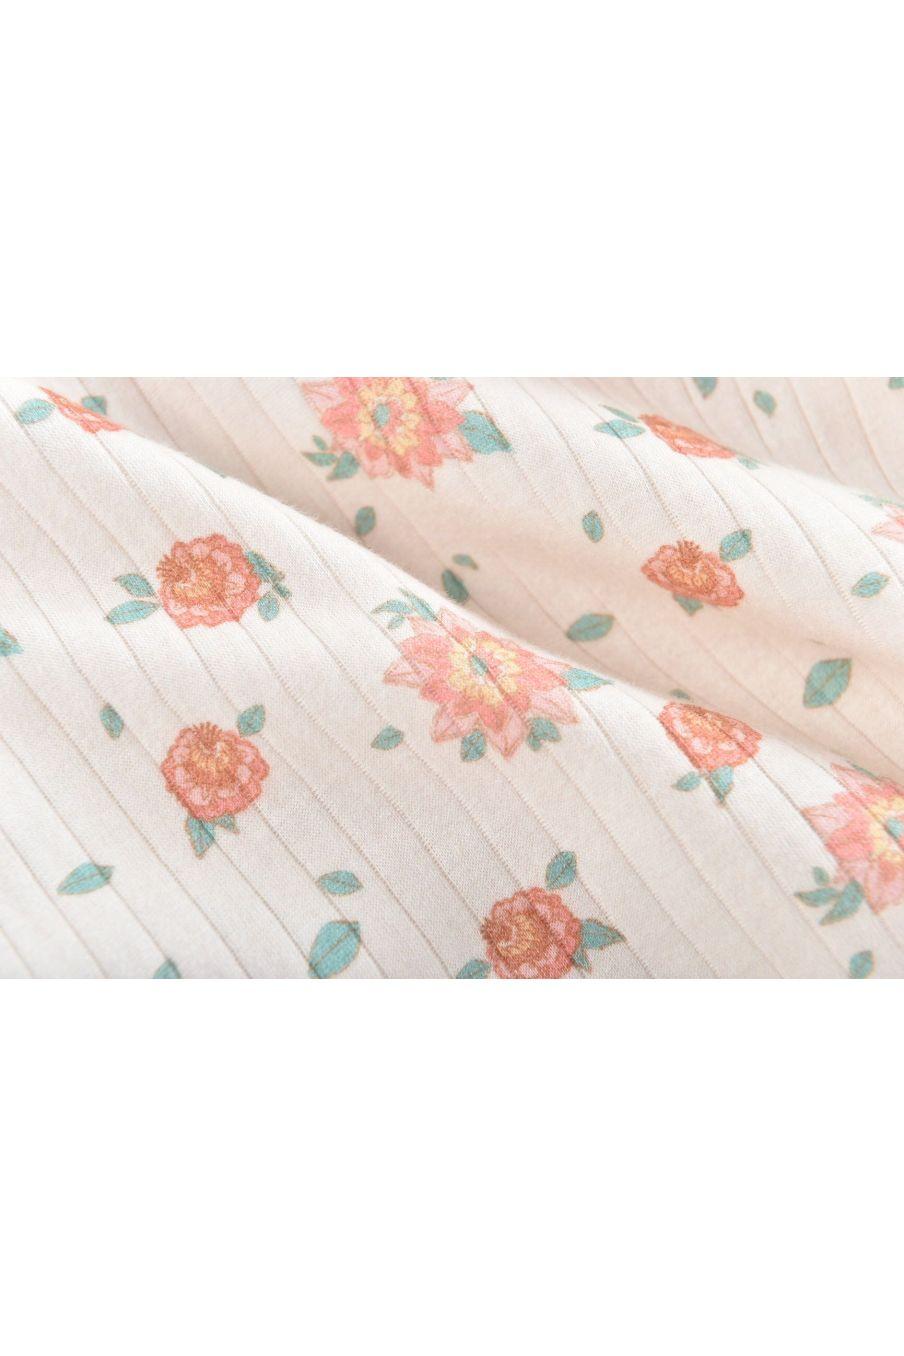 boheme chic vintage robe fille amita off-white flowers